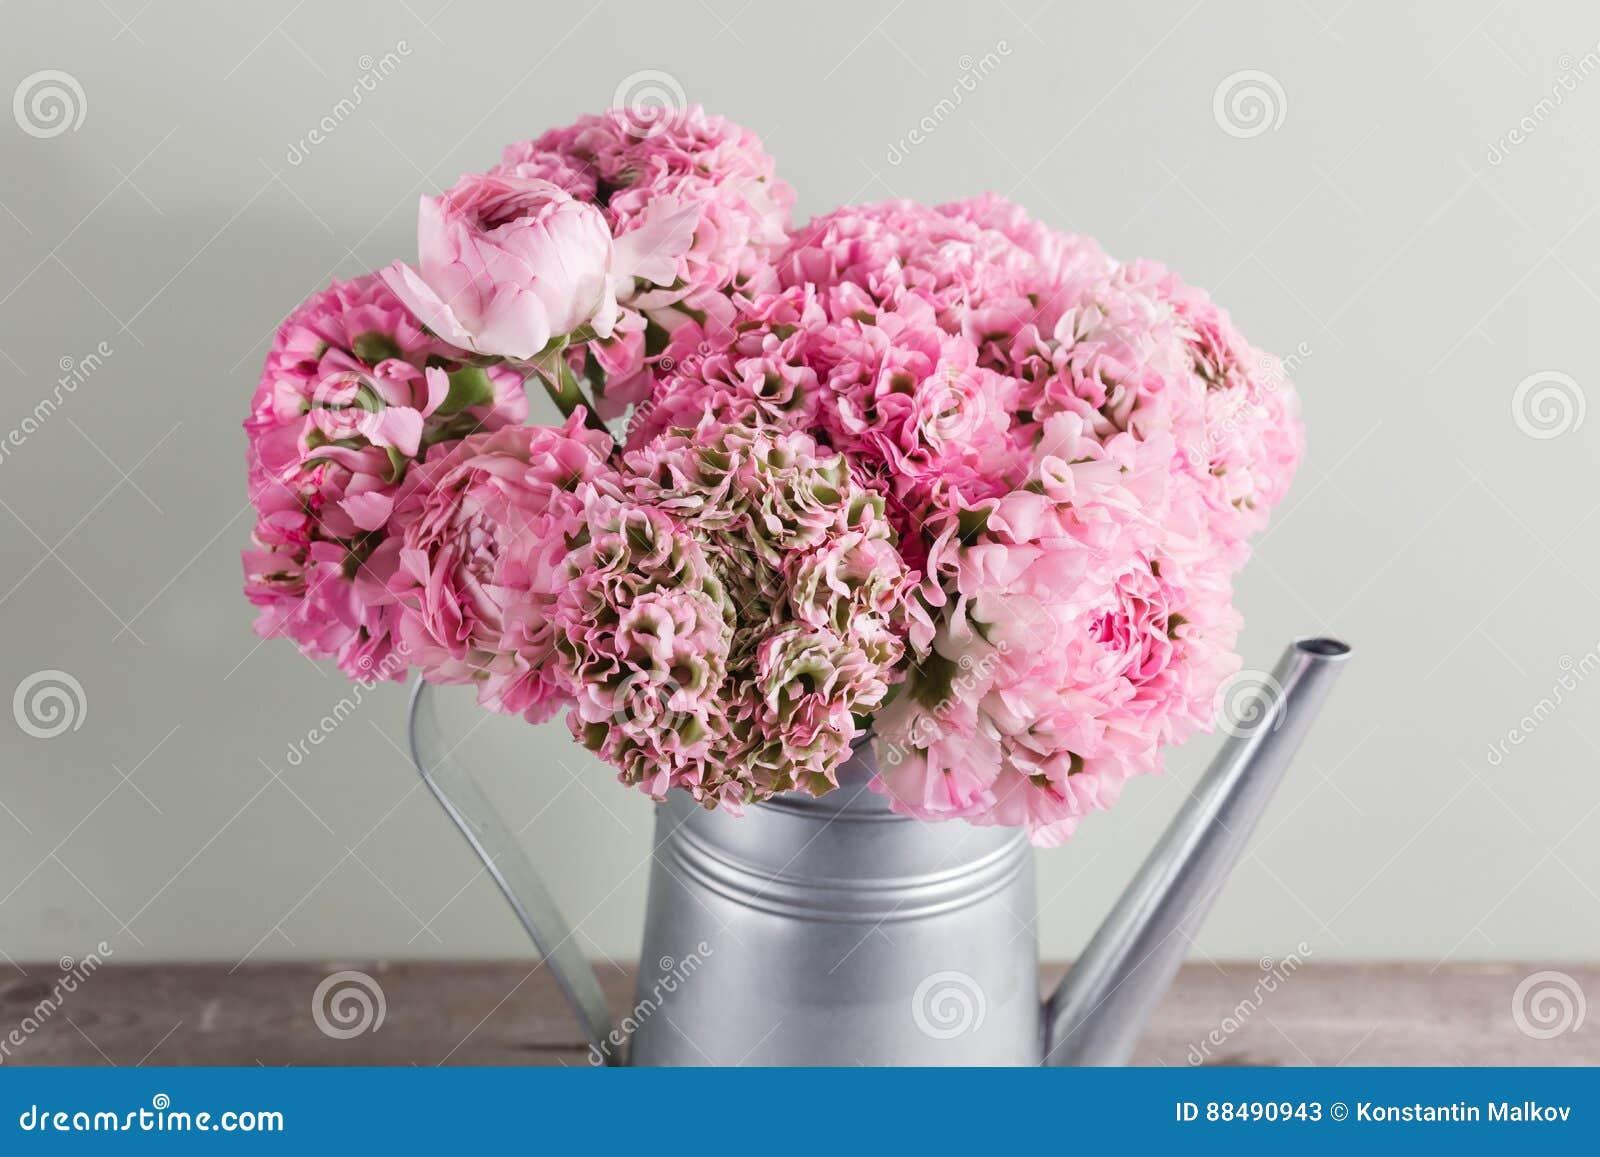 fleurs persanes roses de renoncule ranunculus boucl de pivoine dans la bo te d 39 arrosage grise. Black Bedroom Furniture Sets. Home Design Ideas